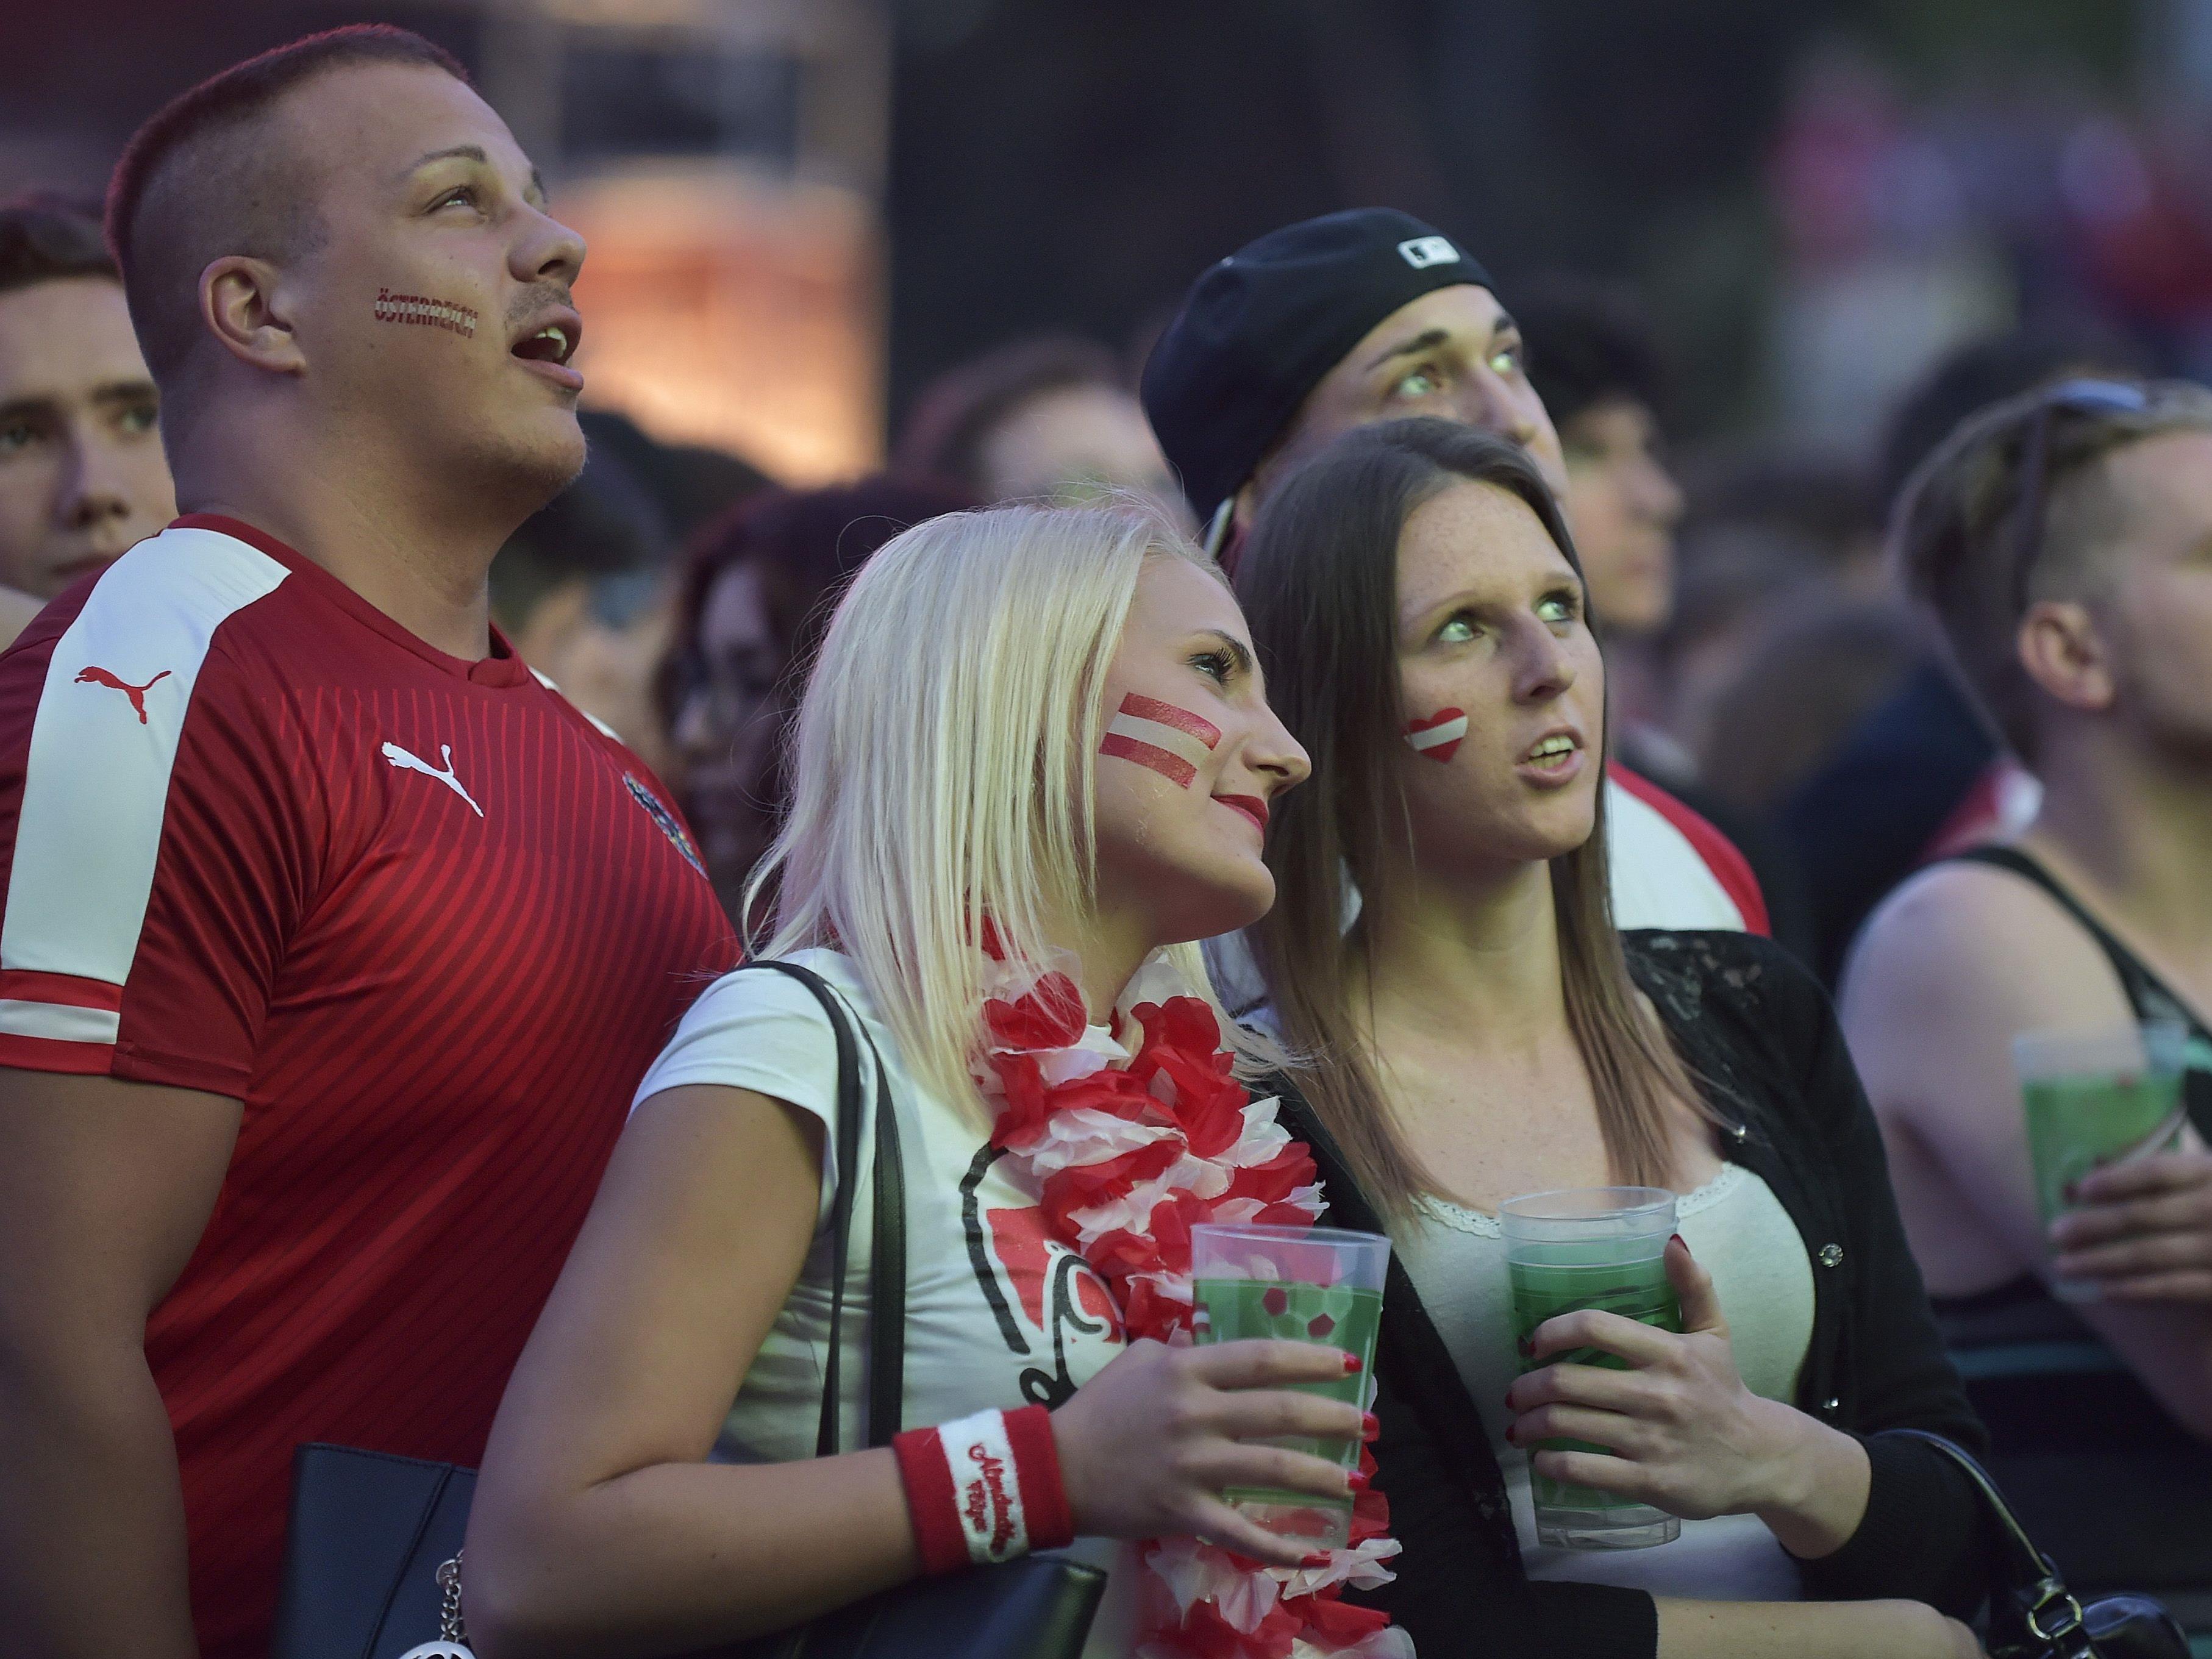 Das Frauen-Em-Halbfinale wird in Wien als Public Viewing gezeigt.